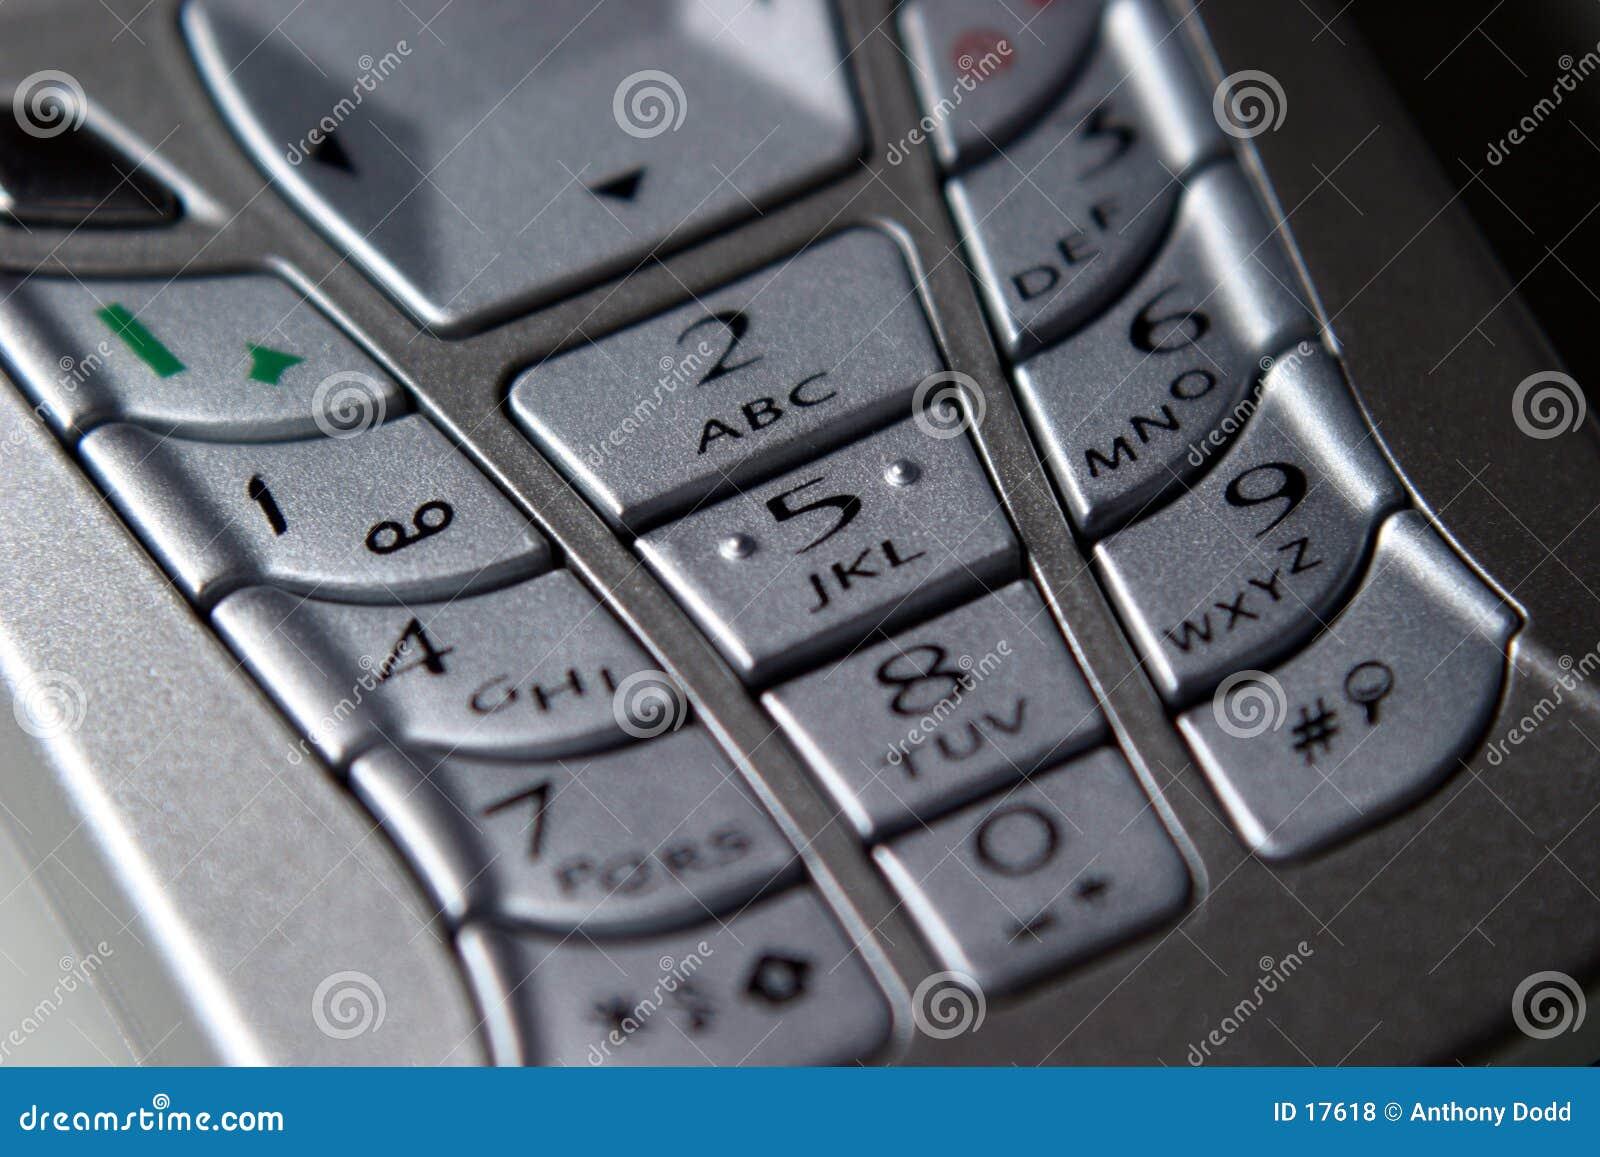 Teléfono móvil, telclado numérico